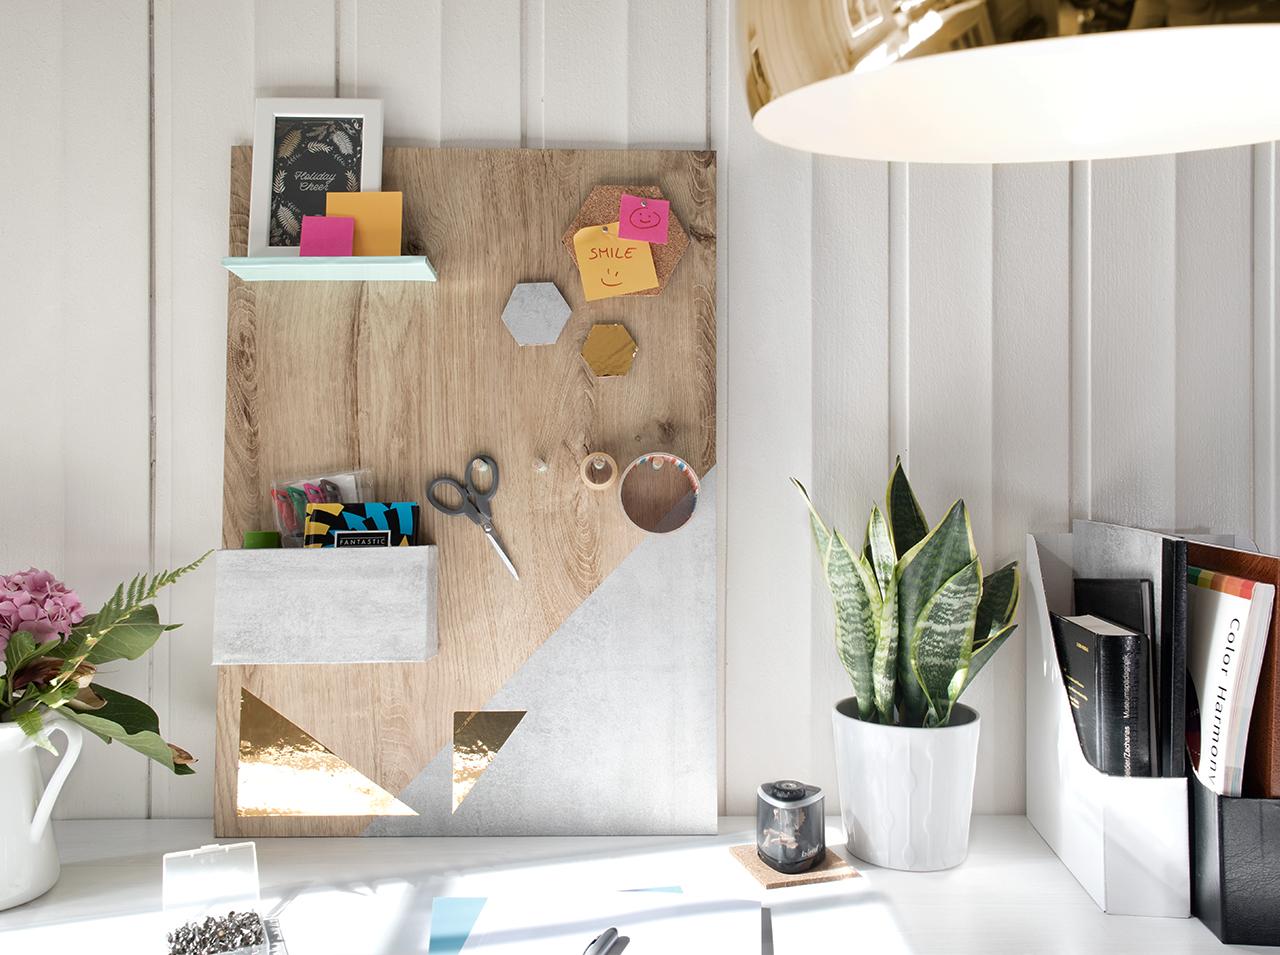 Ustensile de bricolage pratique en bois, recouvert de films adhésifs d-c-fix® aux couleurs pastel et or.